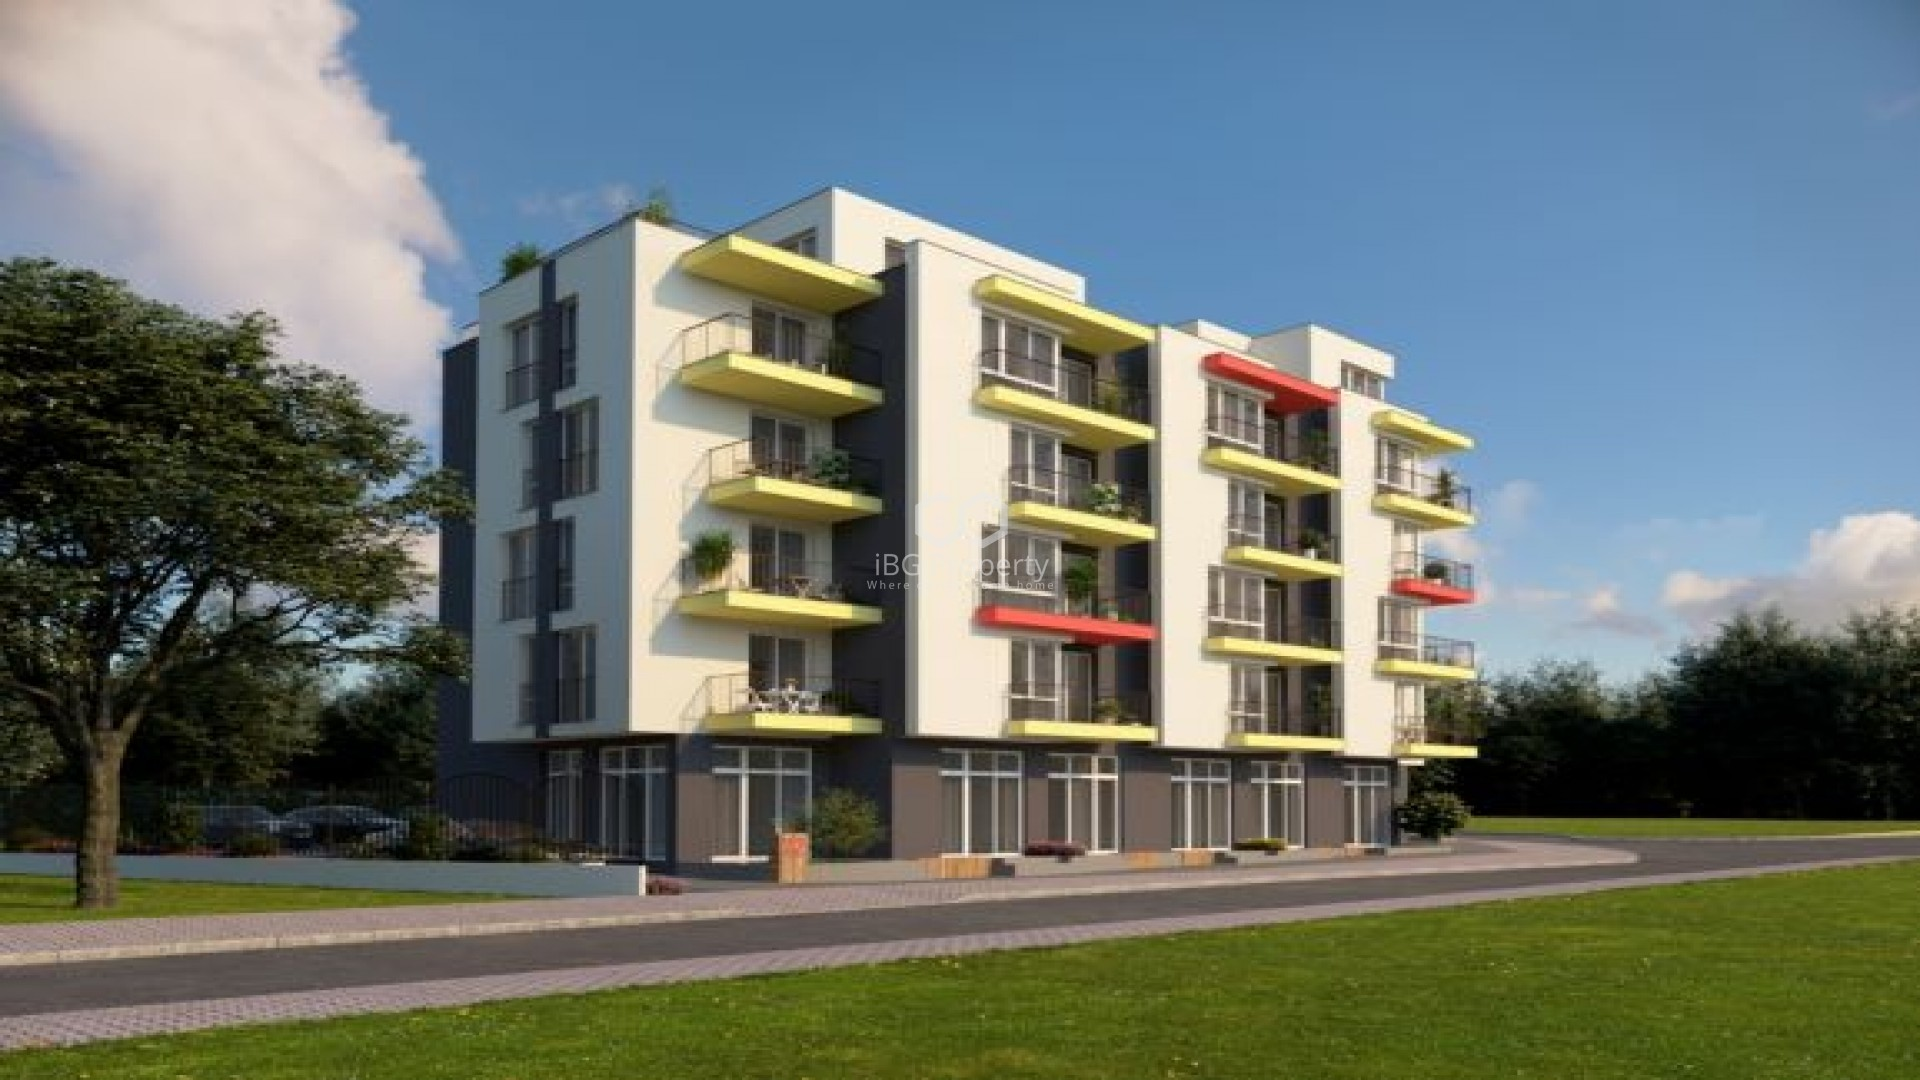 Едностаен апартамент Обзор 39,19 кв.м